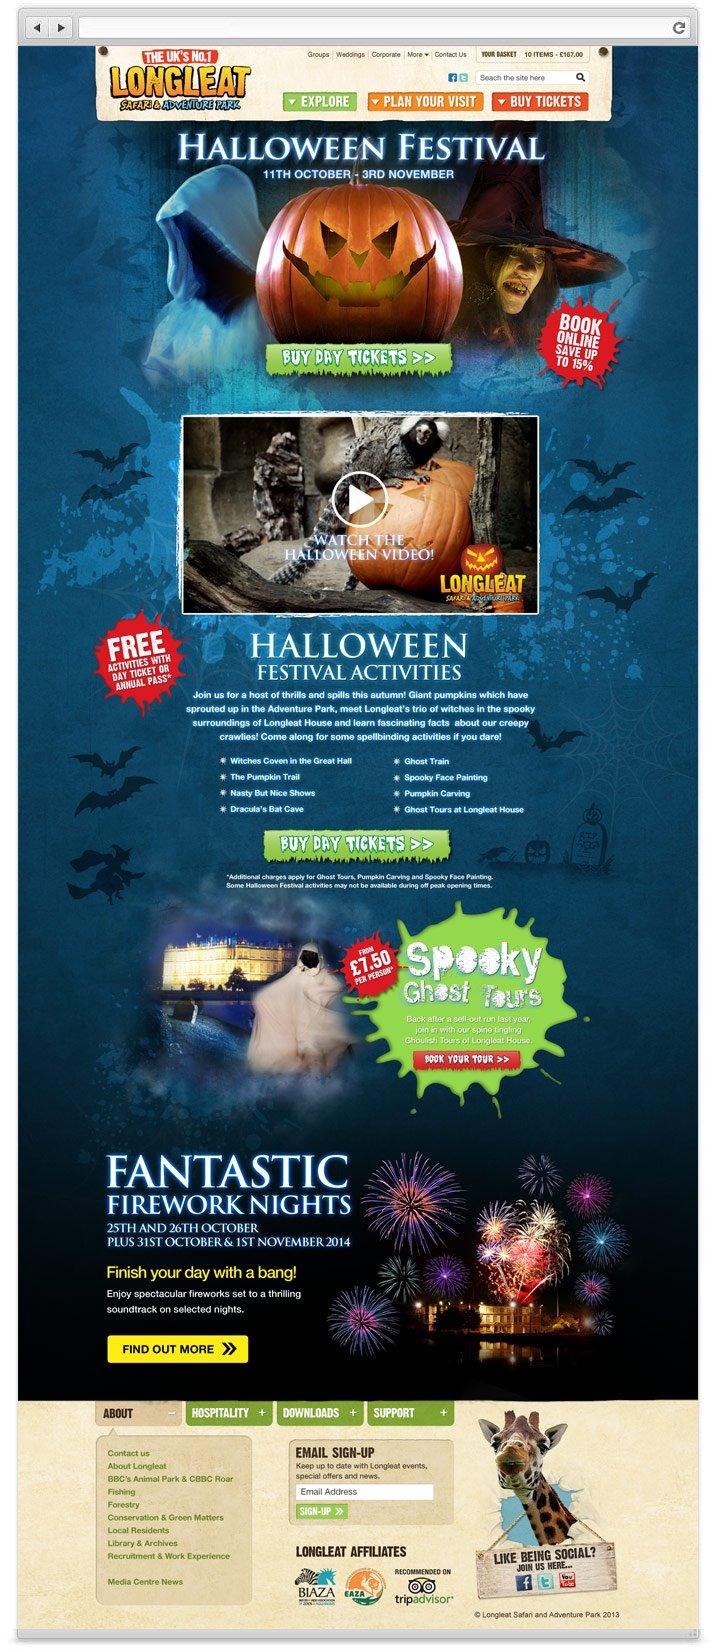 Longleat Halloween website design